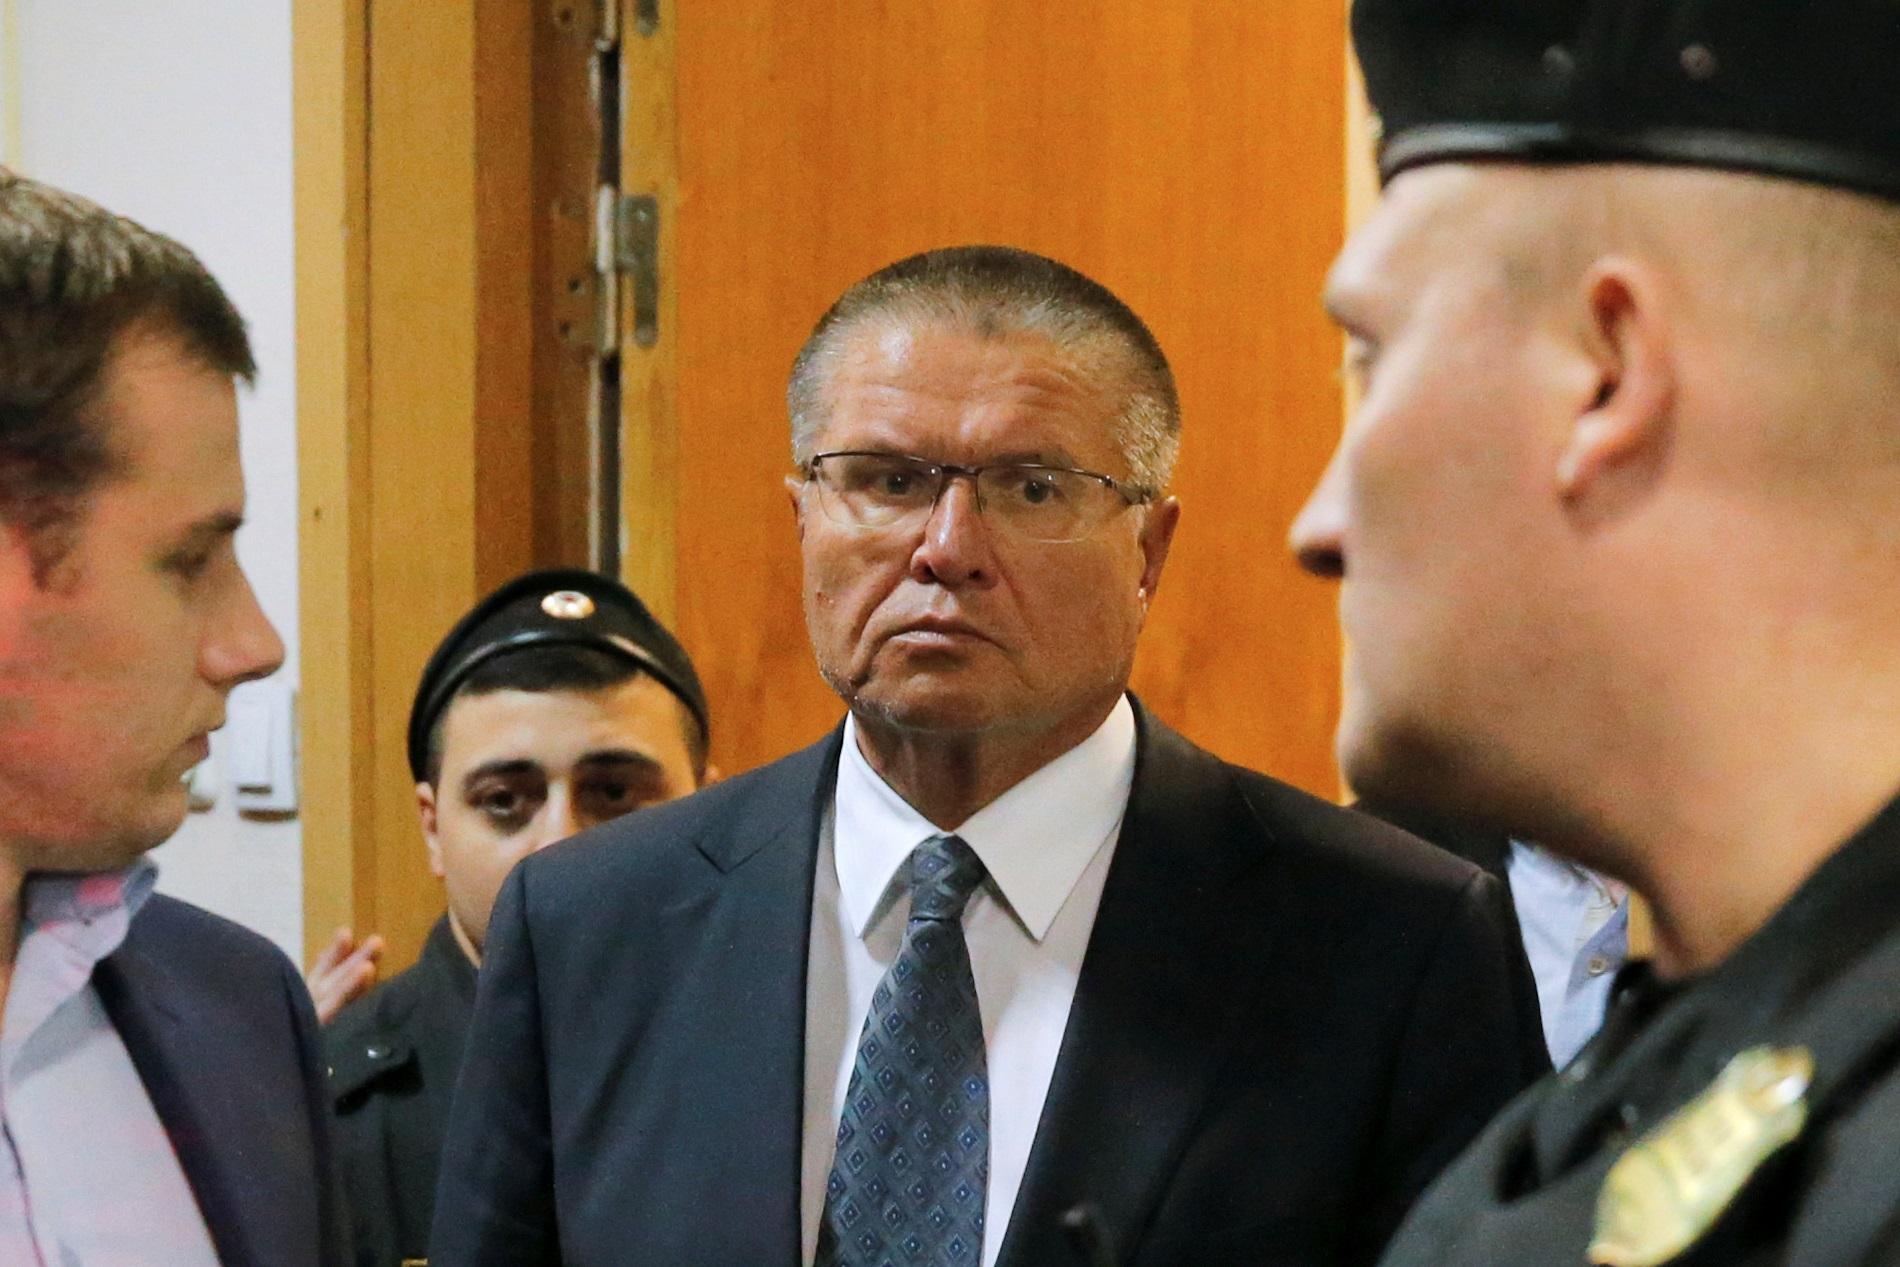 שר הכלכלה הרוסי נעצר בחשד לקבלת שוחד